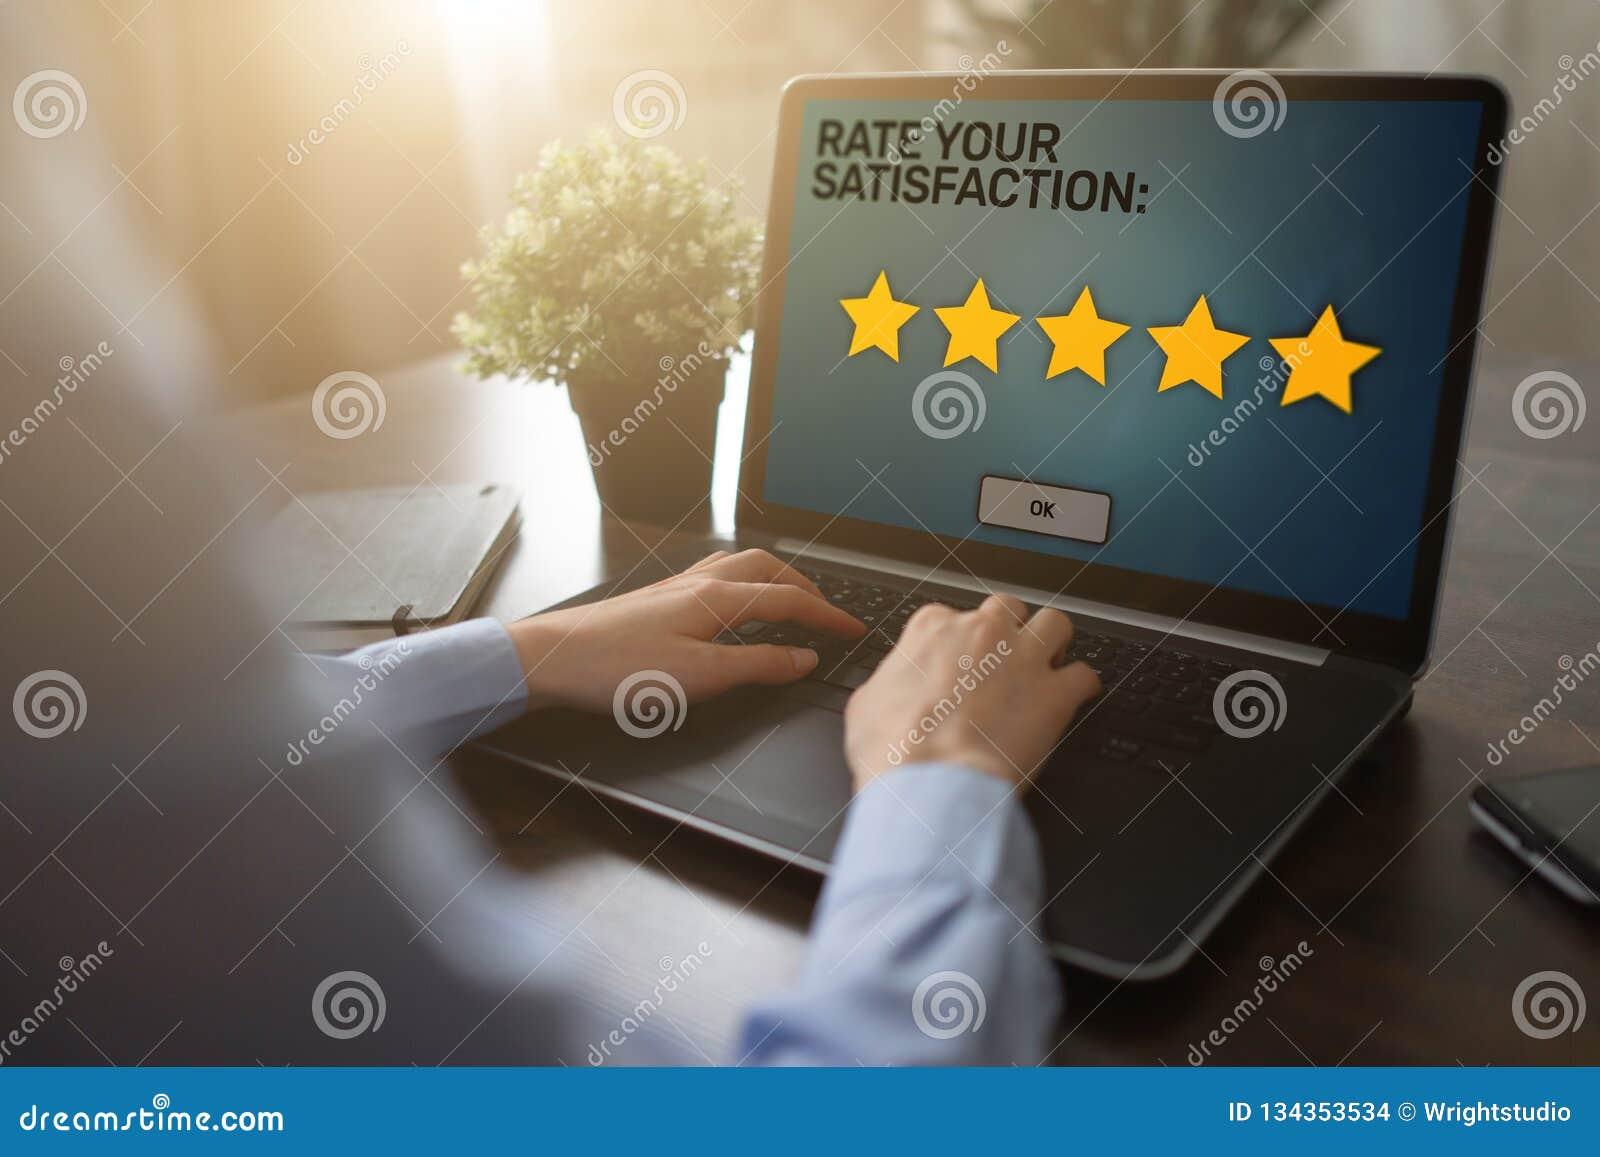 Расклассифицируйте ваш опыт Обзор удолетворения потребностей клиента Звезда 5 на экране прибора Концепция проверки качества обслу